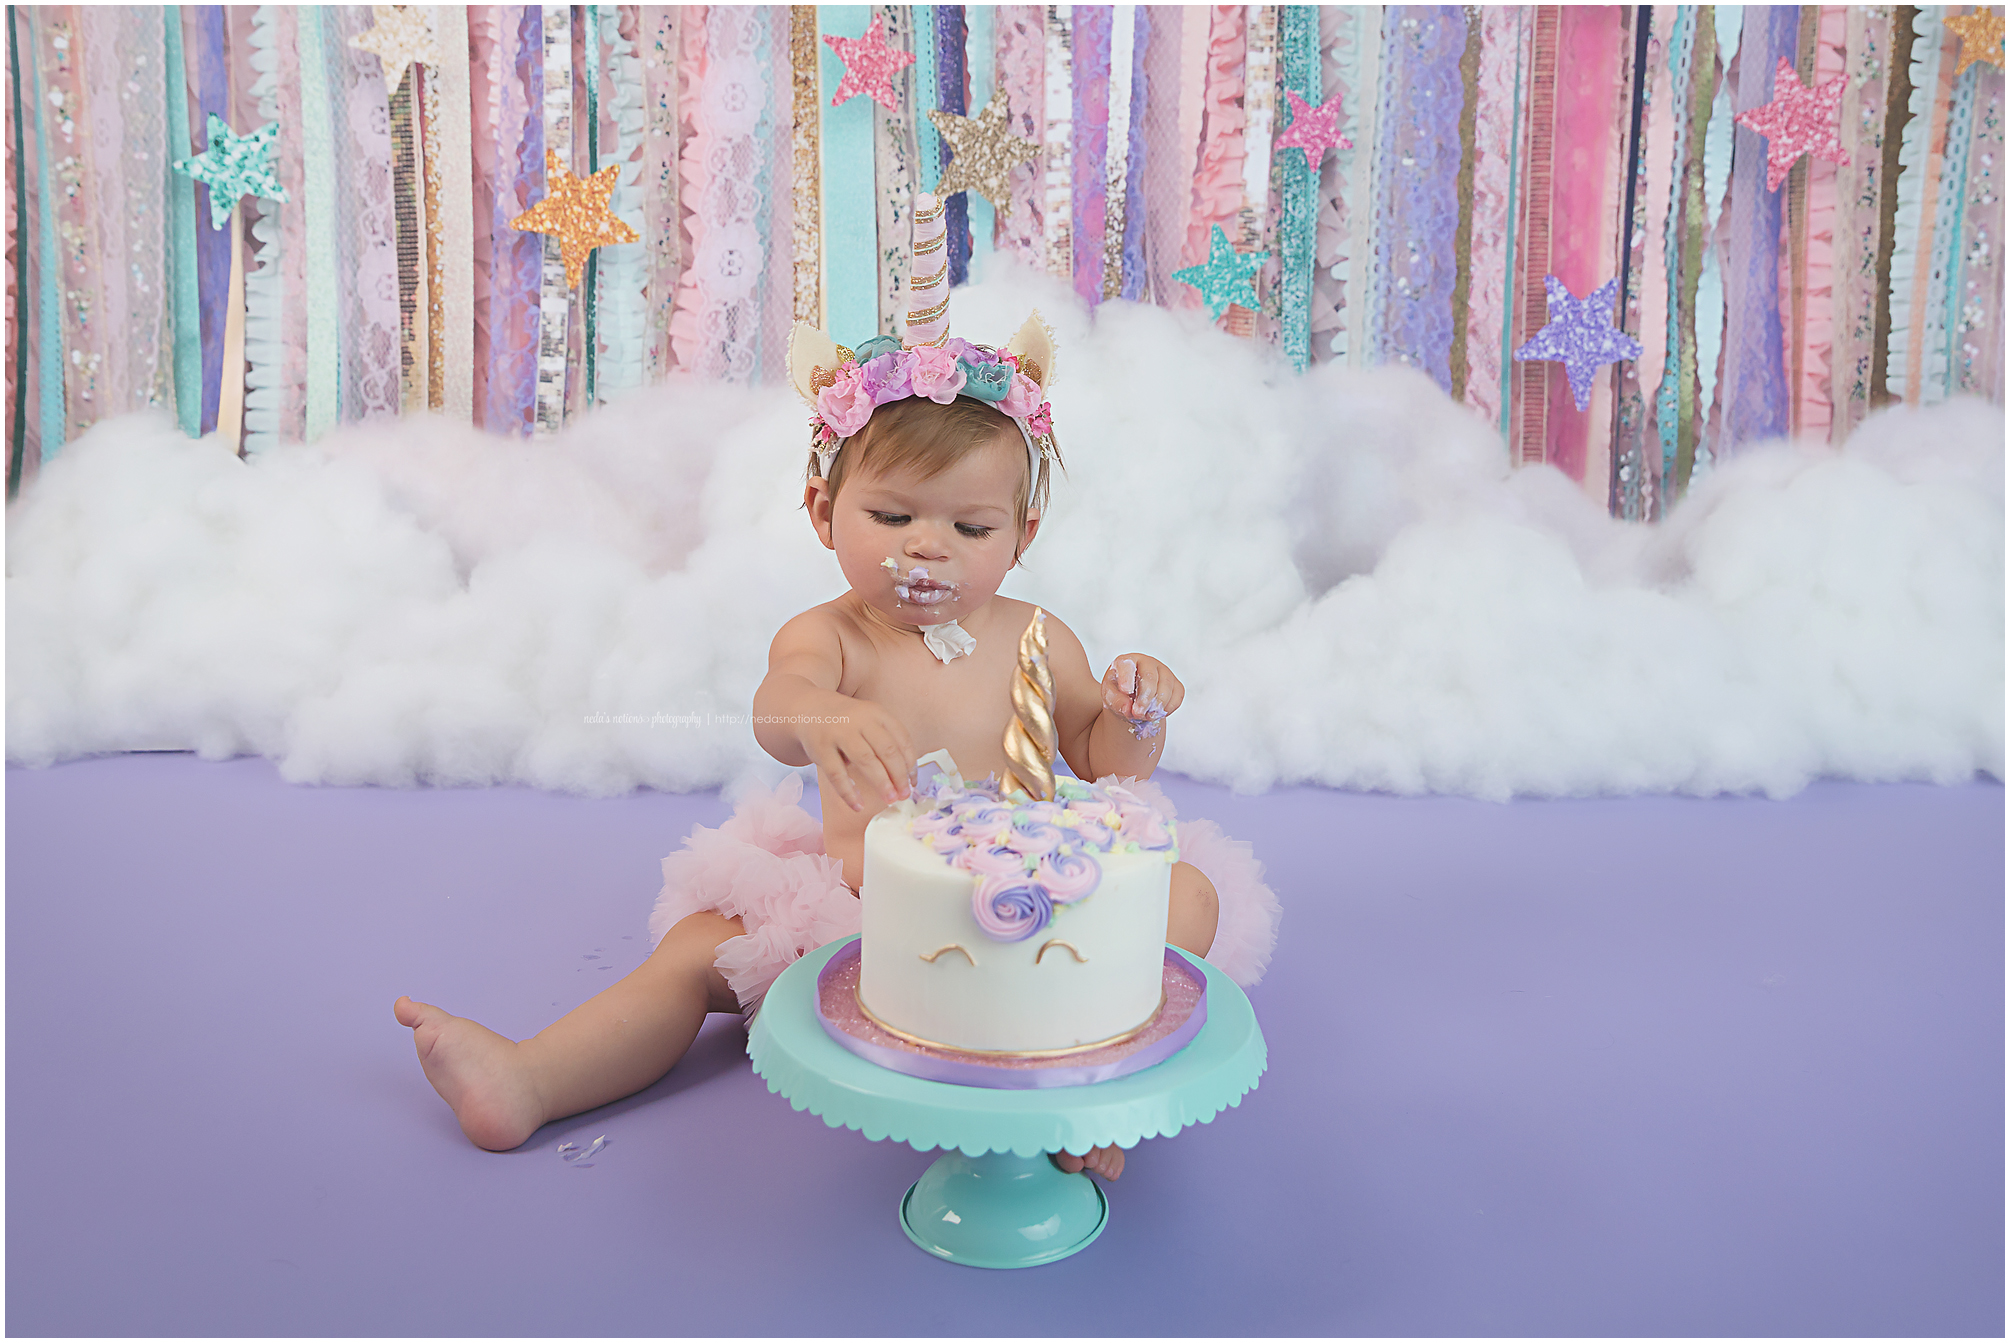 Baby Smash Cake Unicorn